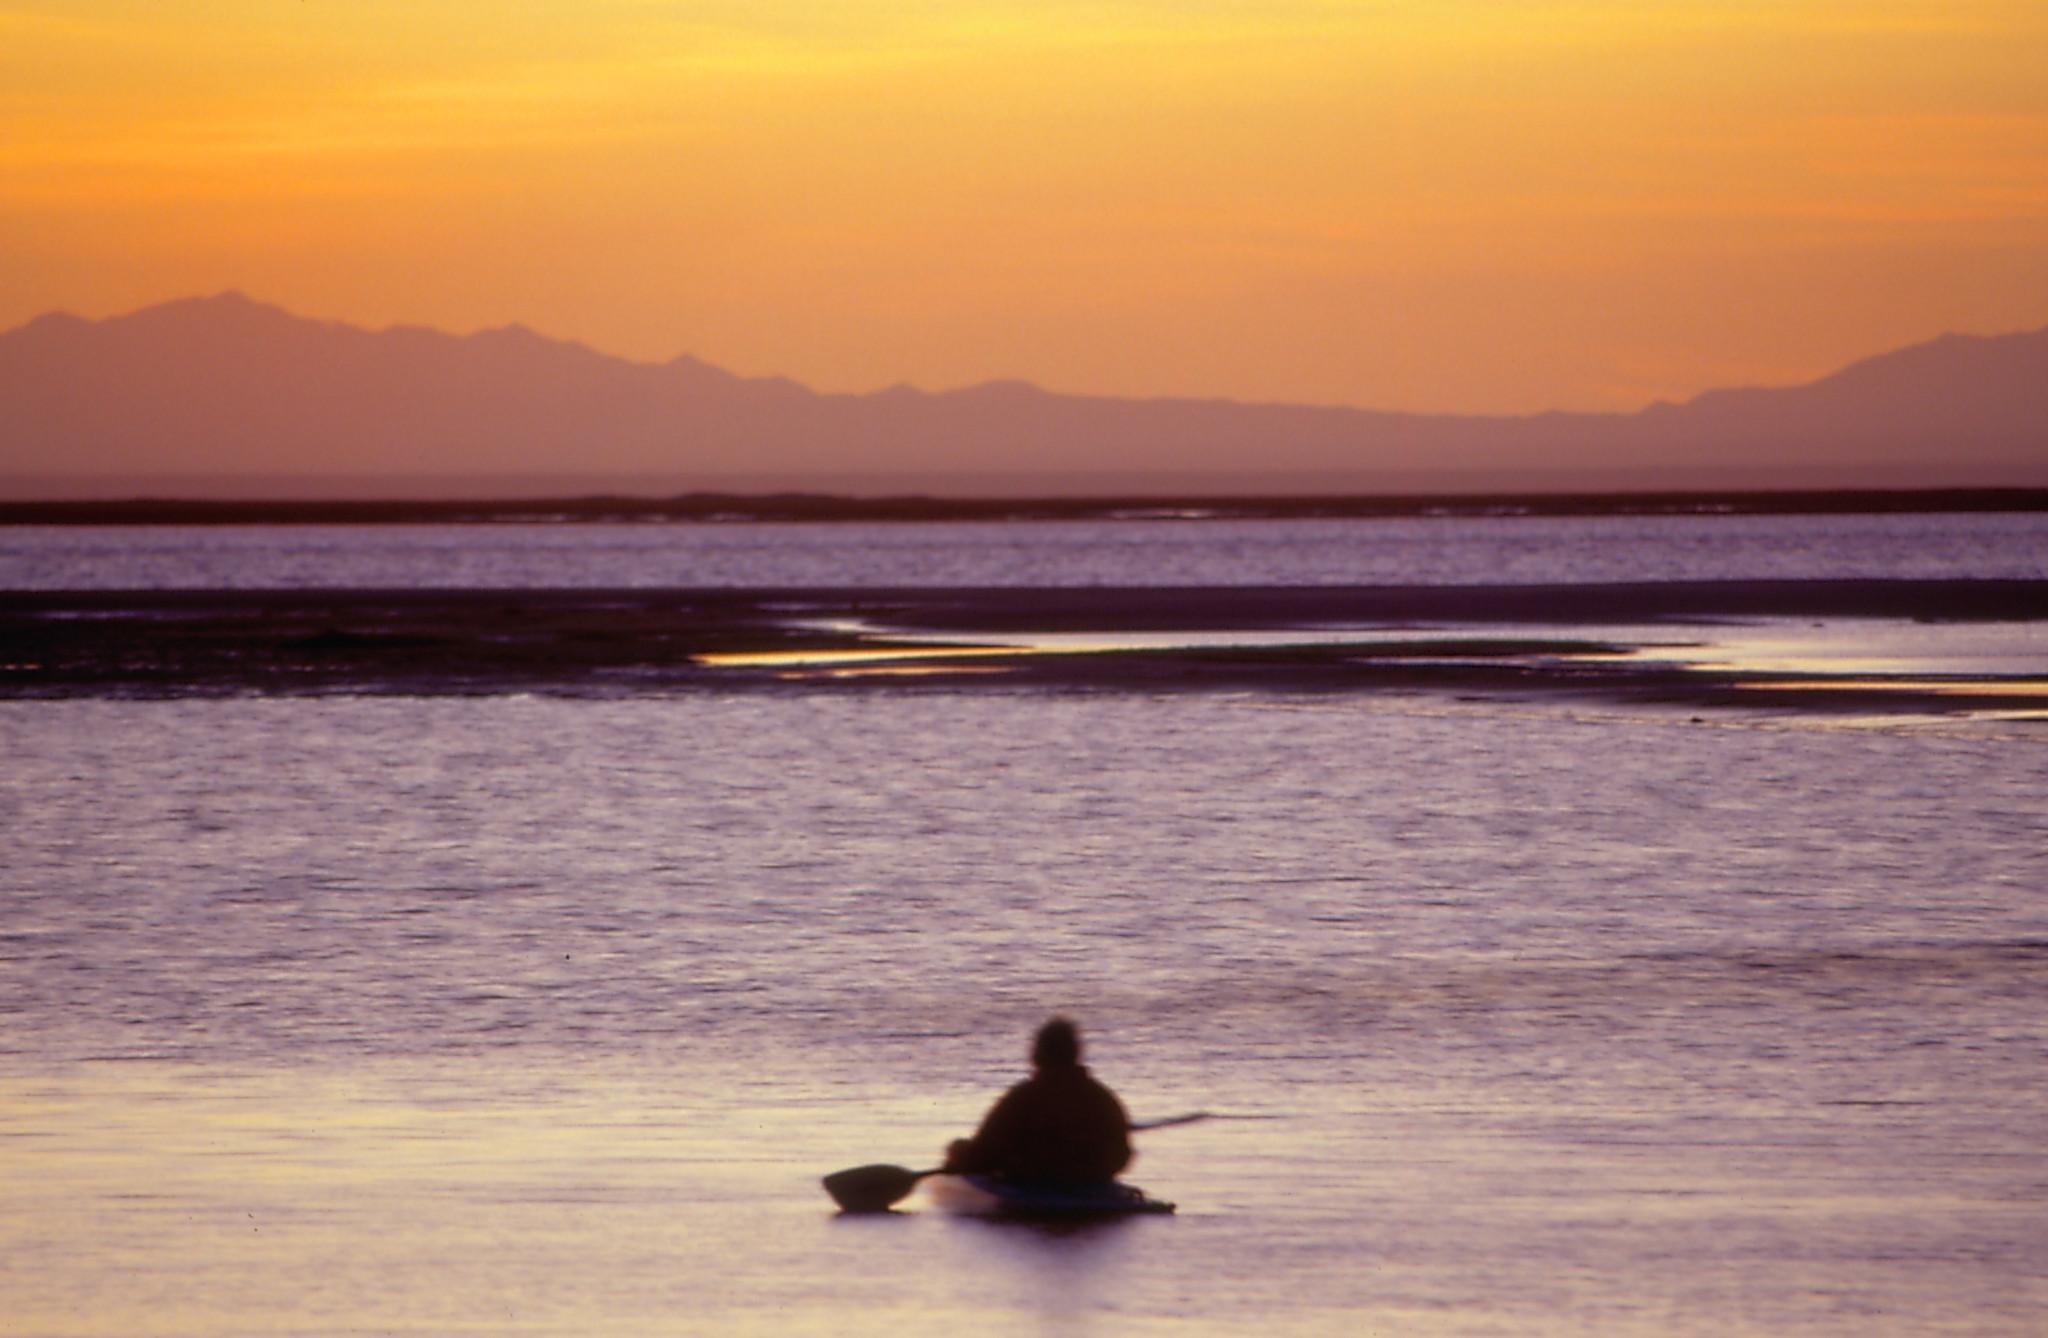 Kayacker at sunset